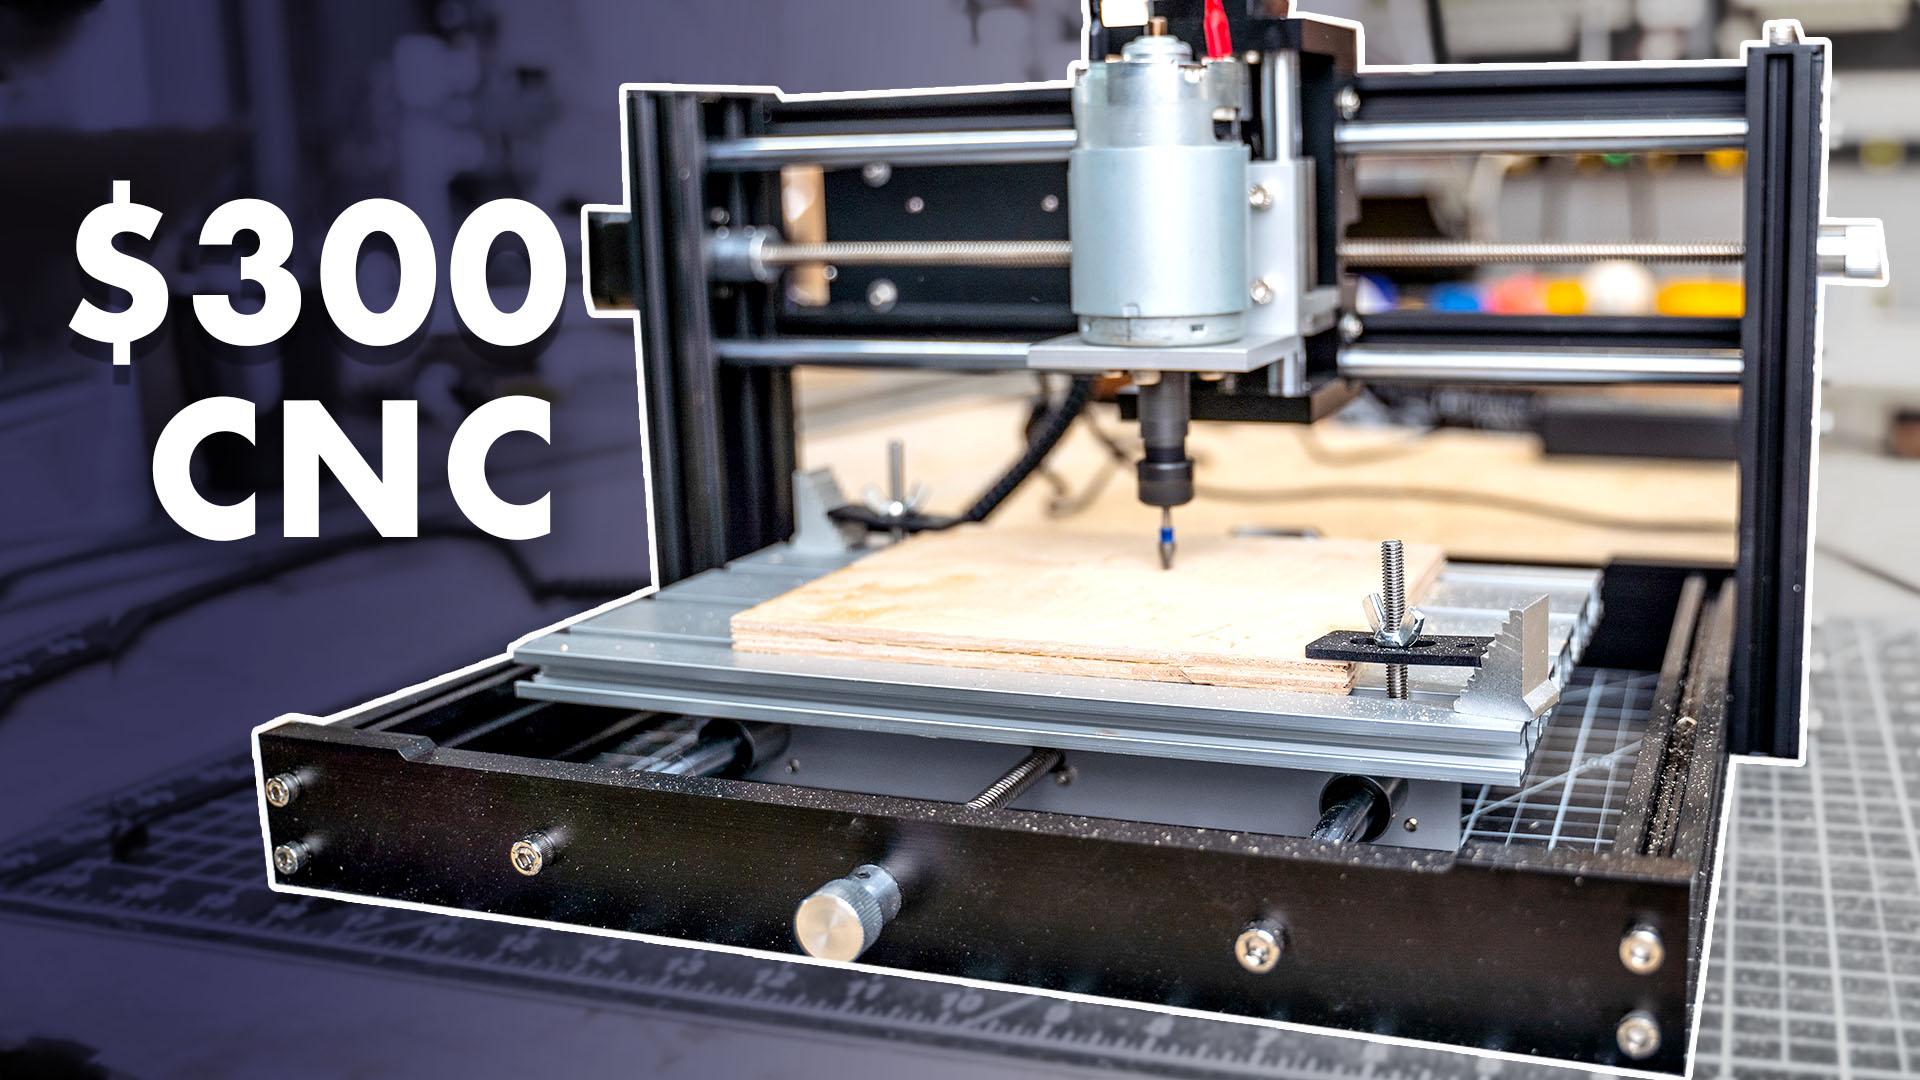 Ortur Aufero CNC Engraver Review